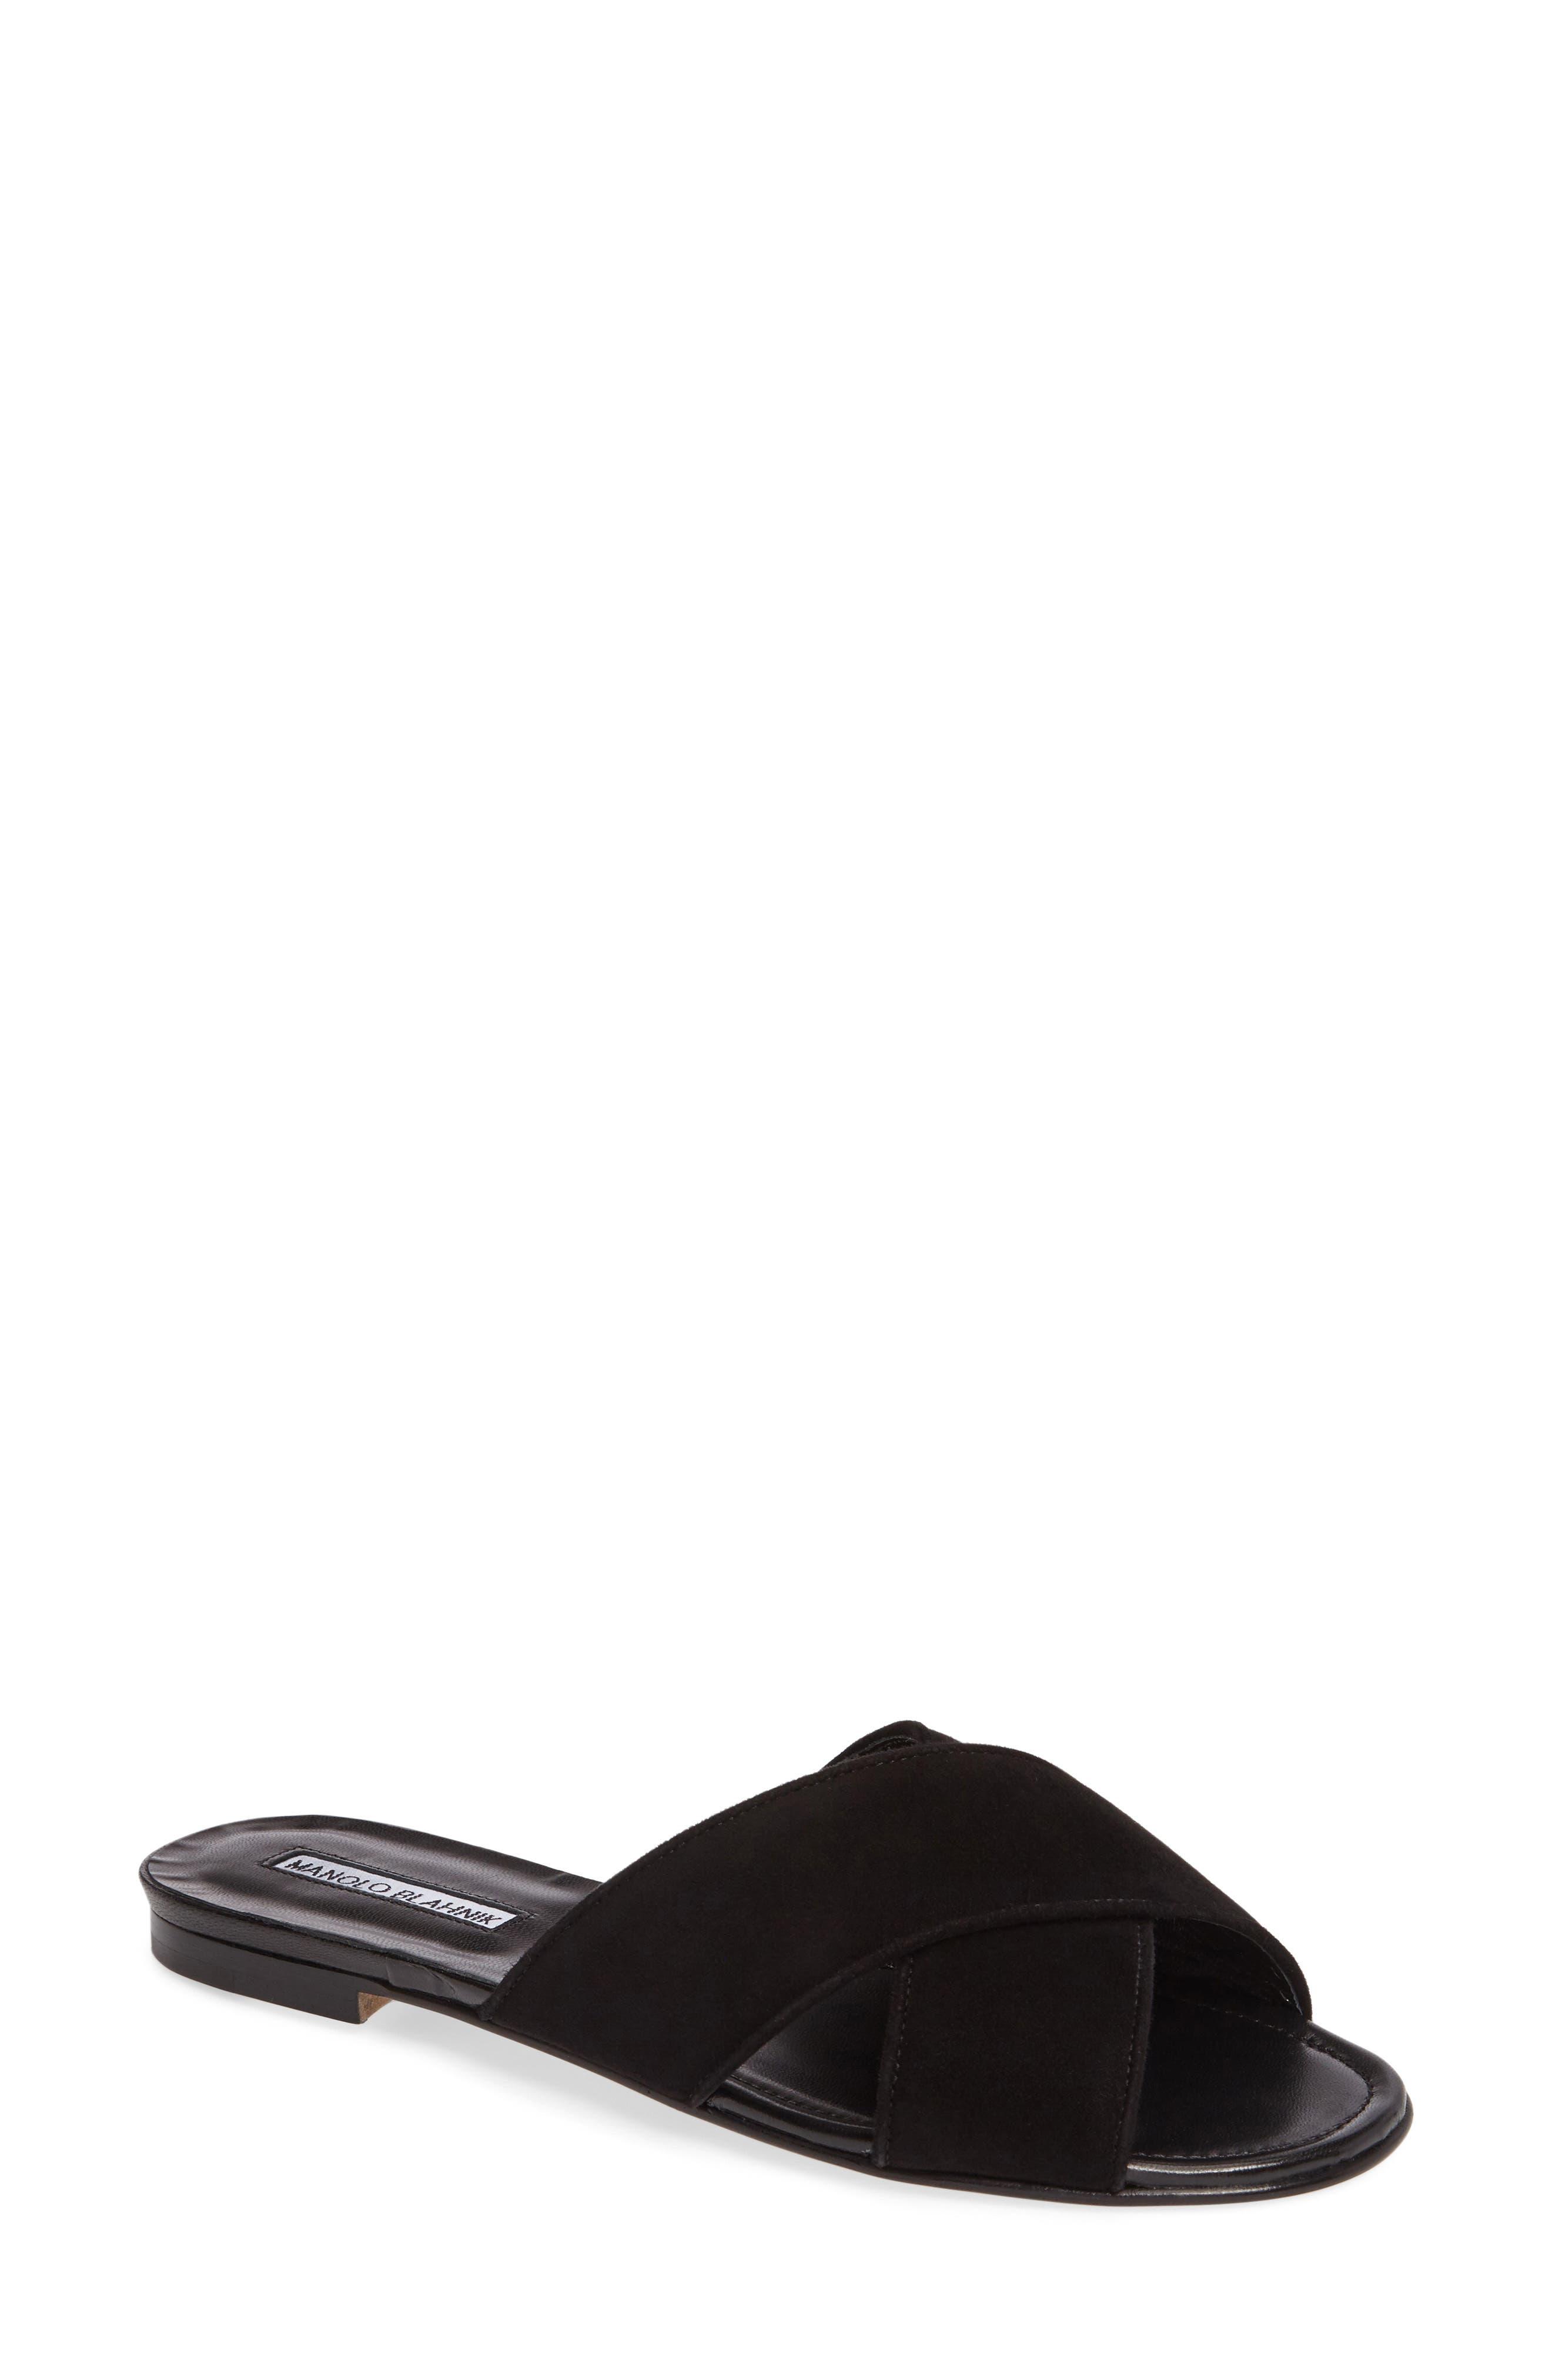 Otawi Slide Sandal,                         Main,                         color, 001